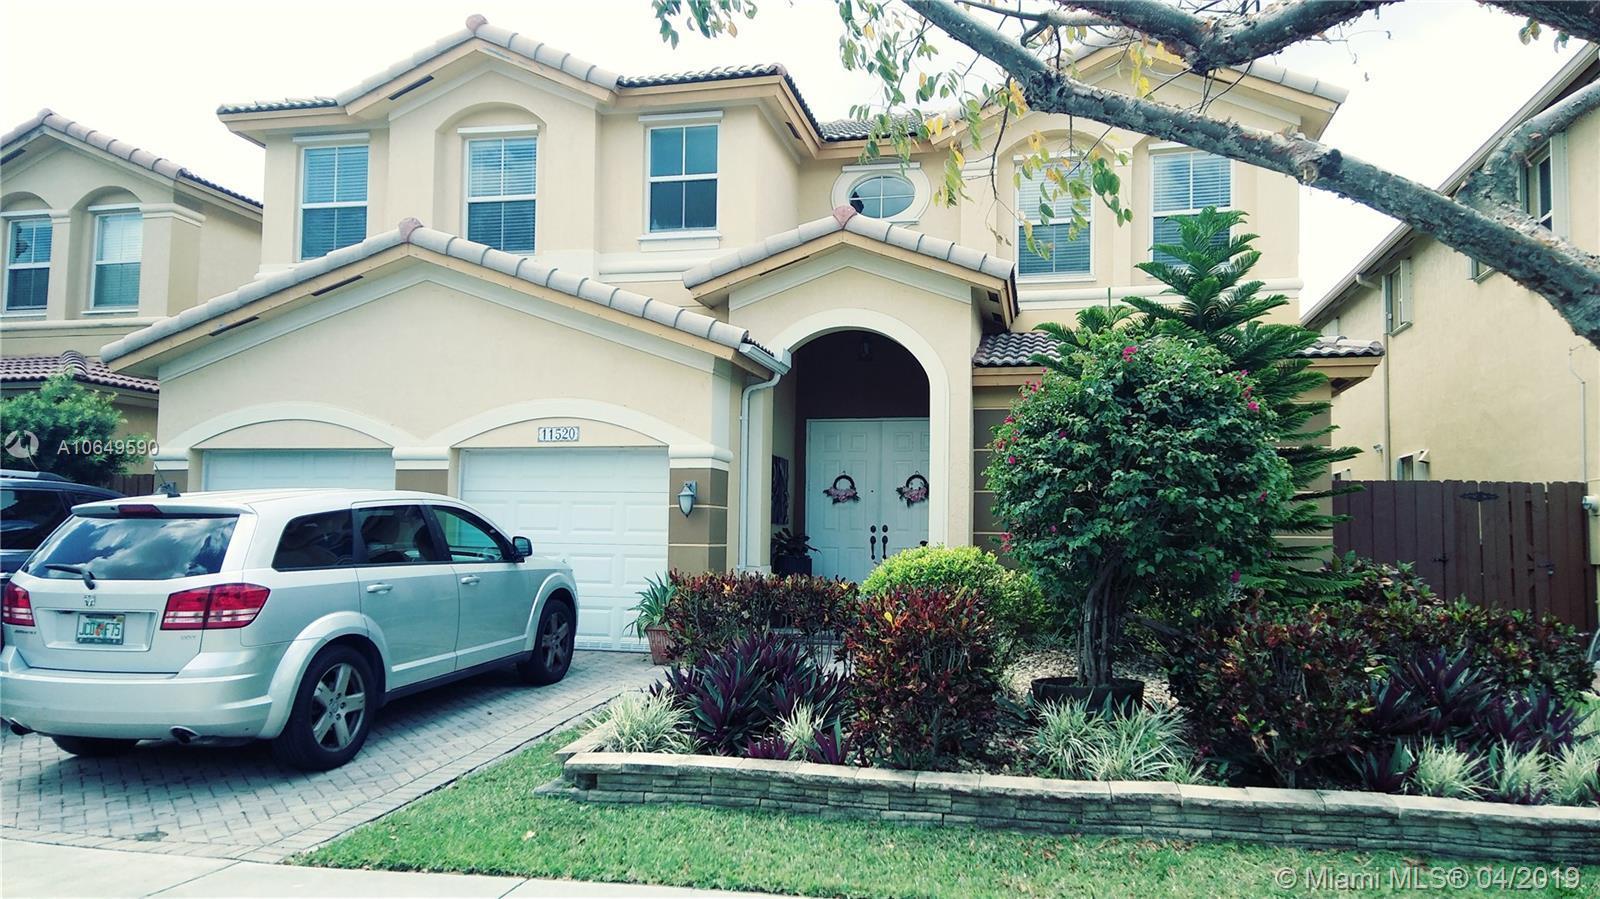 11520 NW 82 Terr, Doral, FL 33178 - Doral, FL real estate listing